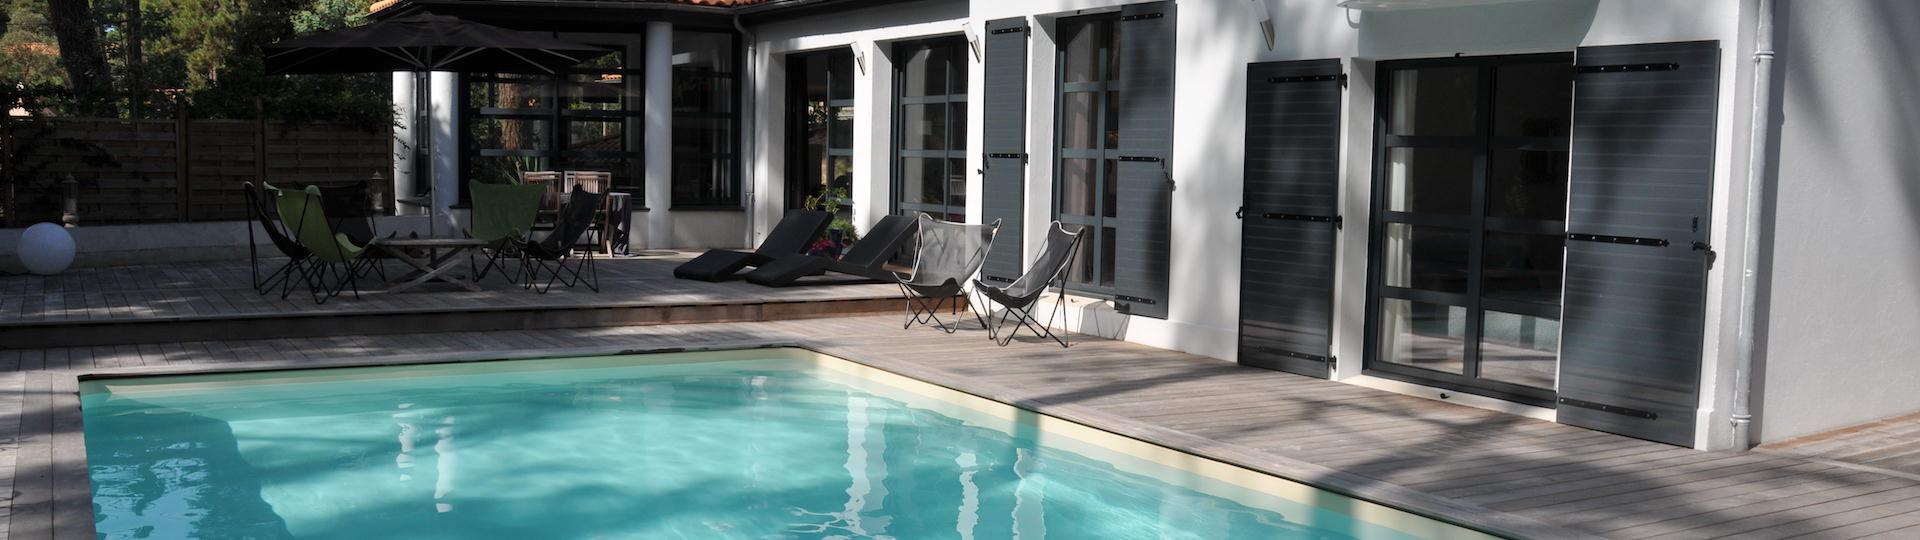 Piscines VINET, constructeur de piscines à Basse Goulaine